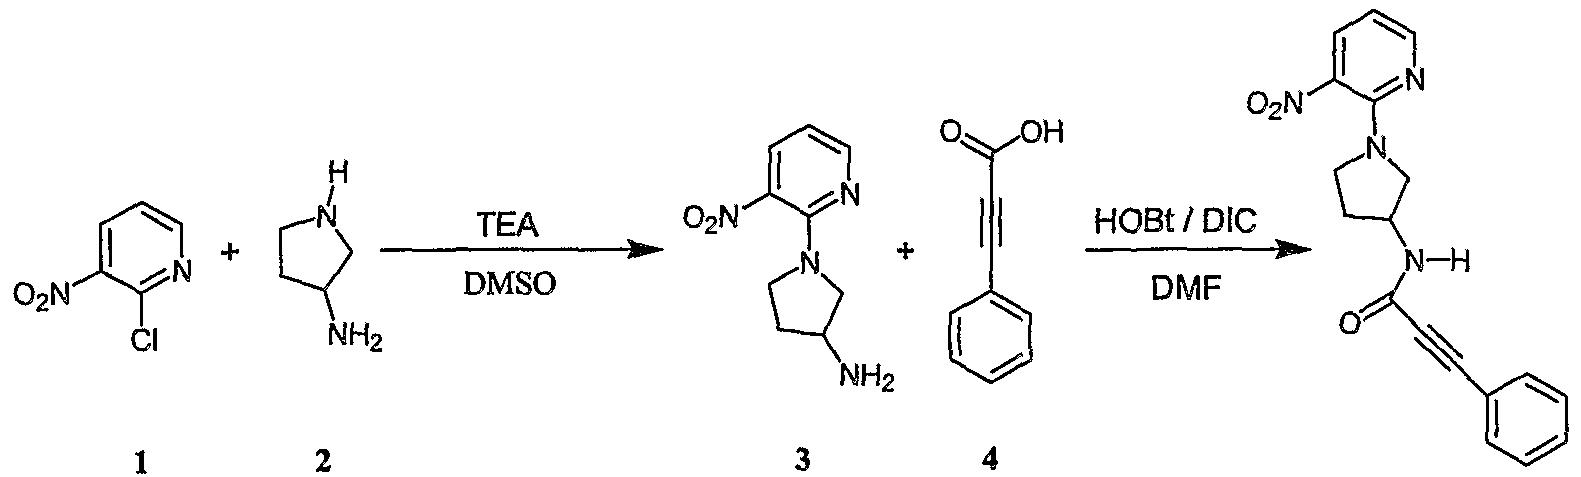 Figure imgf000197_0001